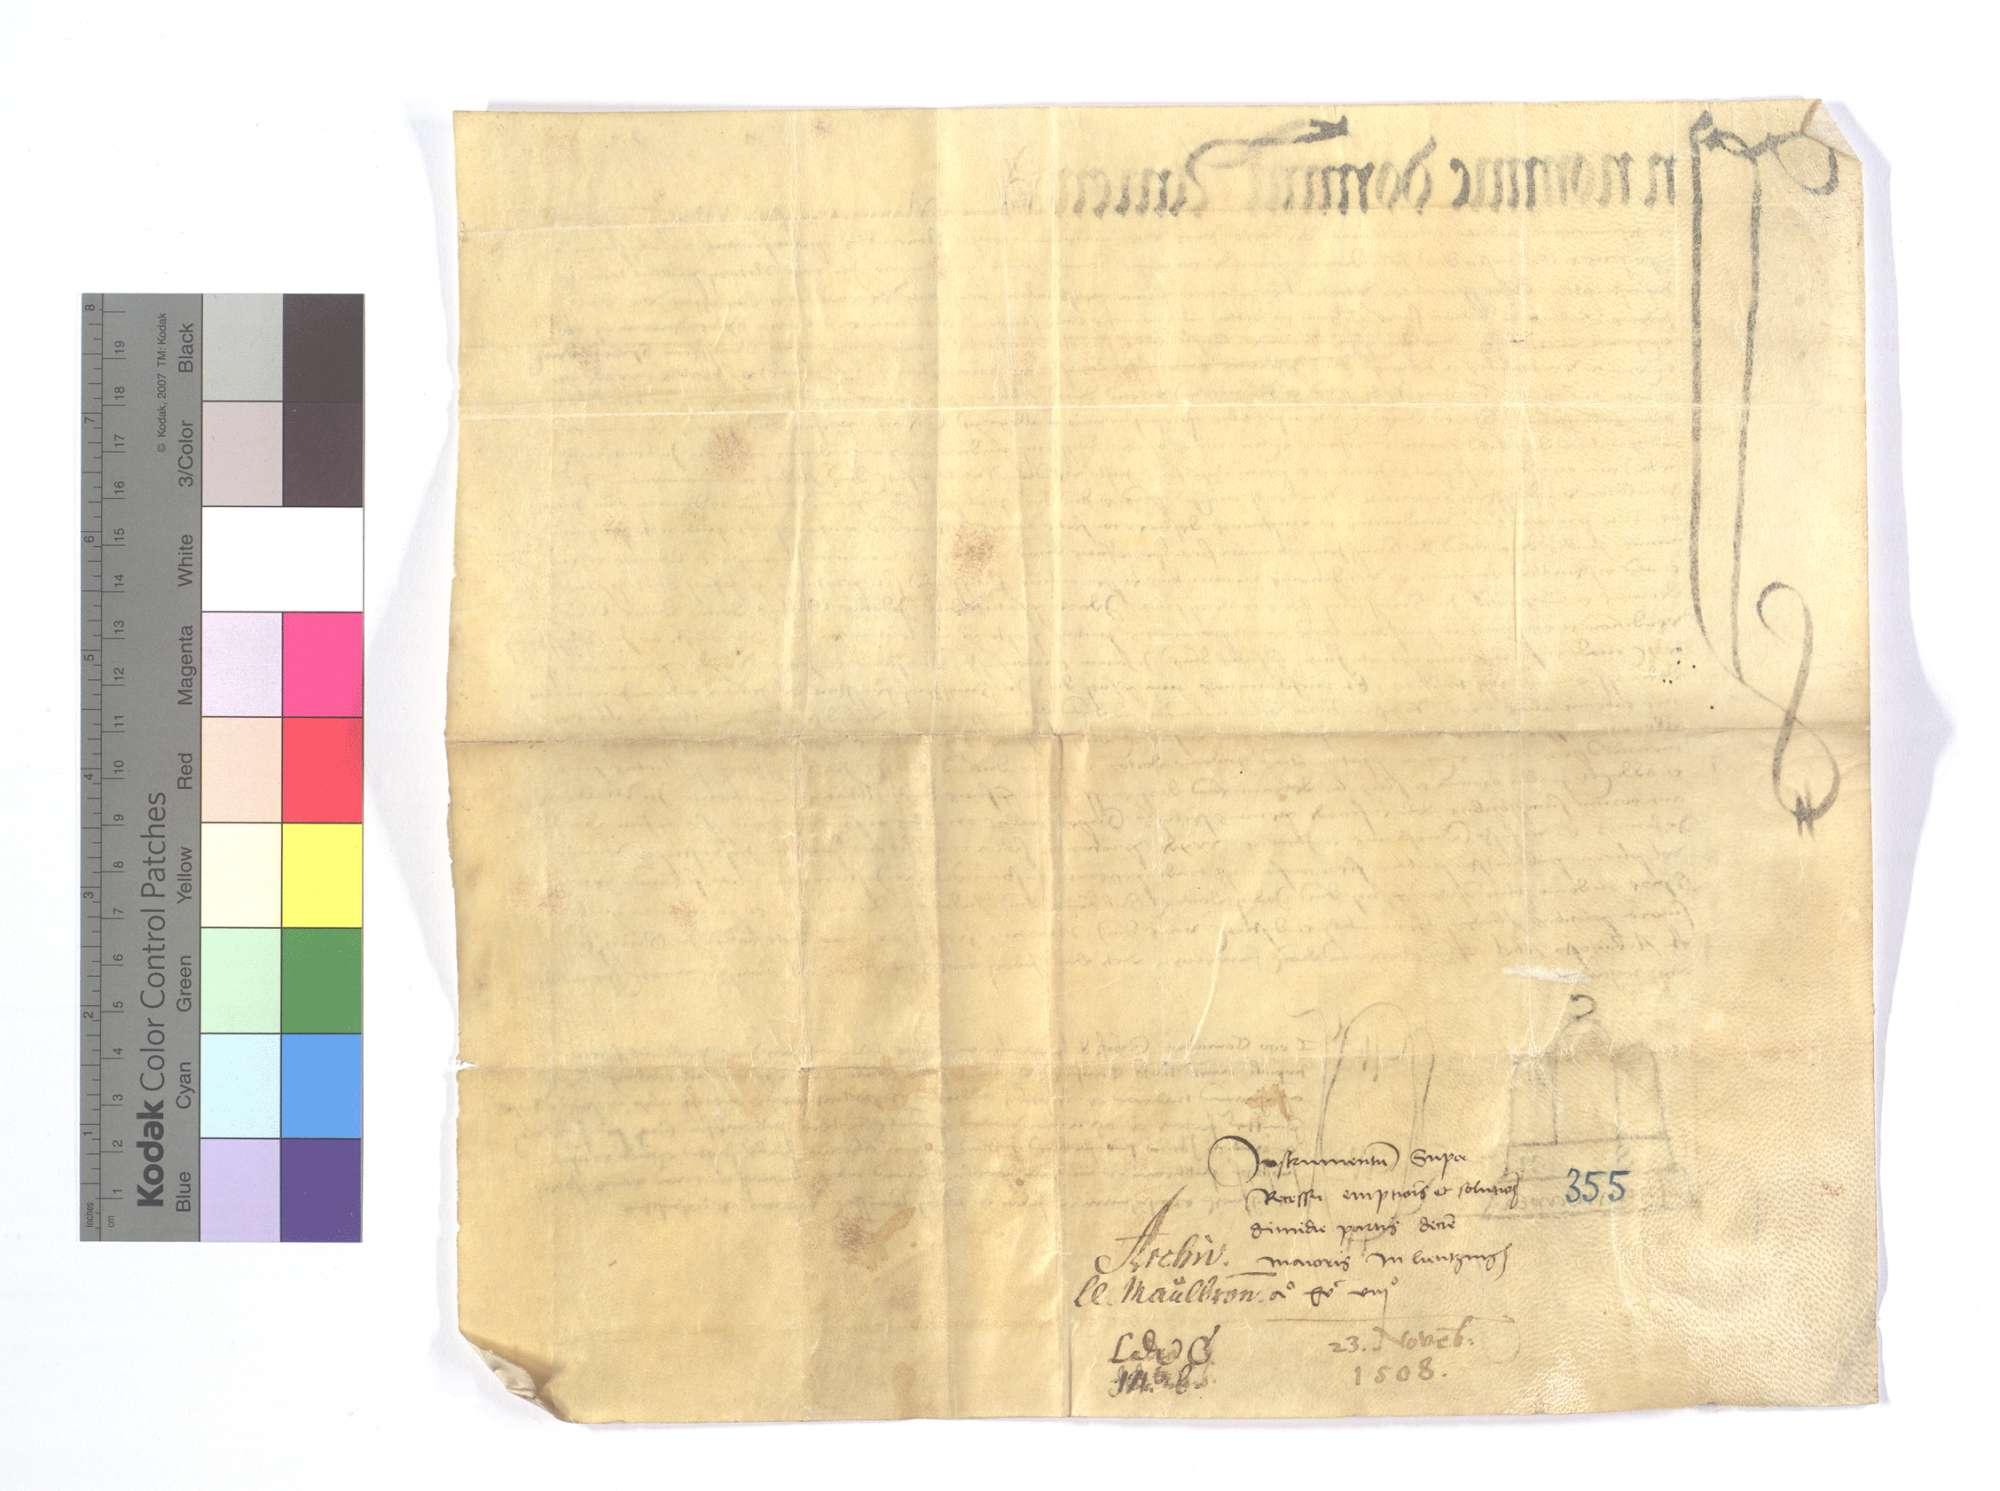 Notariatsinstrument, das sich auf die Fertigung des Abts und Konvents von Sinsheim bezieht, als sie dem Kloster Maulbronn den halben Teil des Fruchtzehnten in Lienzingen (Lientzingen) für 2.200 Gulden verkauft haben, sowie auf die Herausgabe des vorhandenen Dokuments., Rückseite